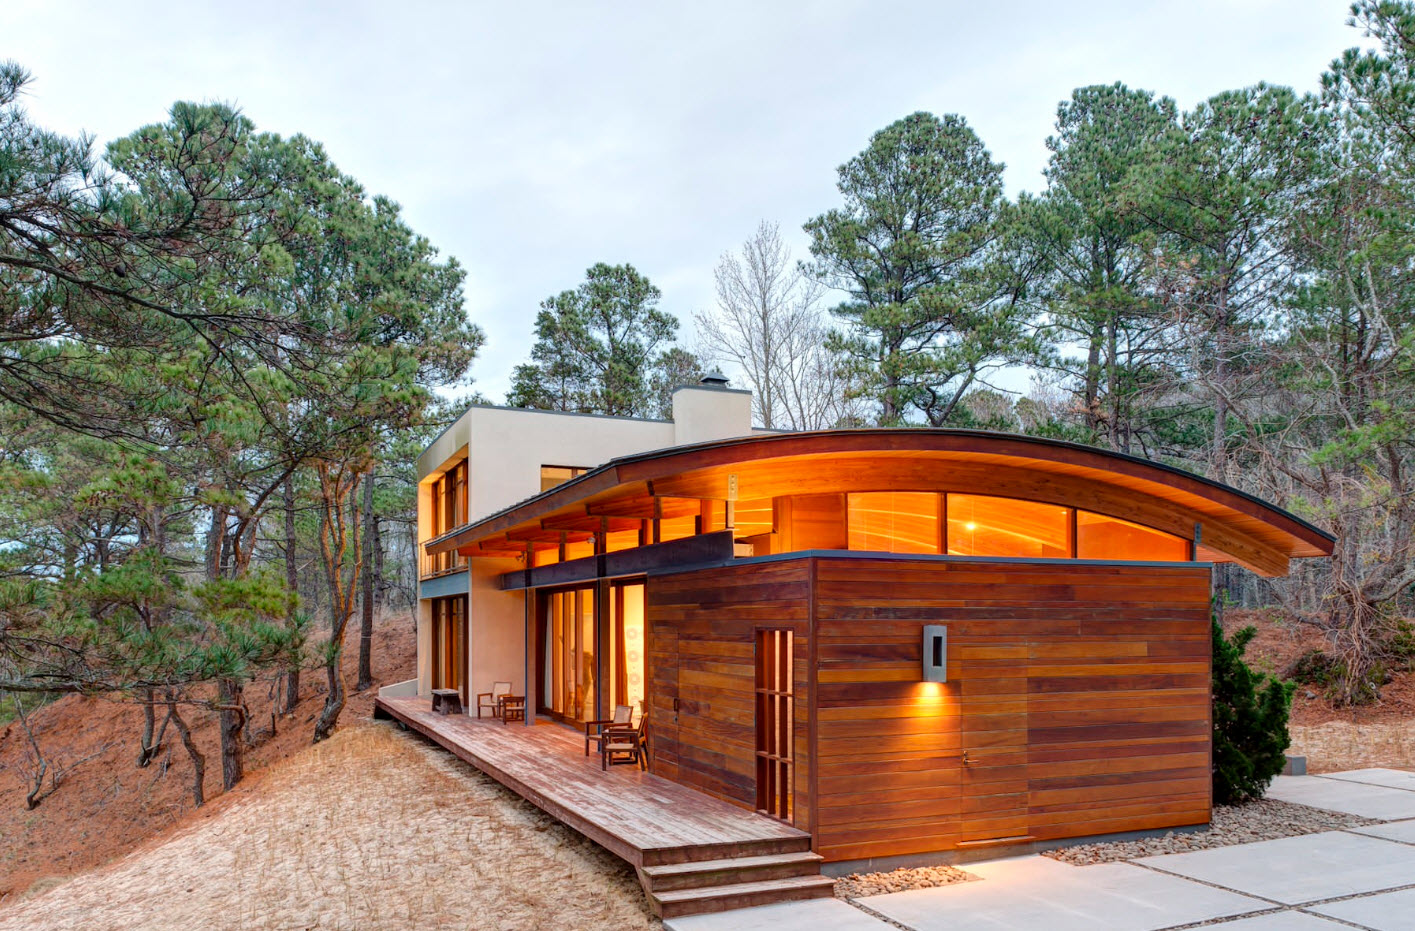 Revestimientos de madera para paredes exteriores - Revestimiento para exterior ...